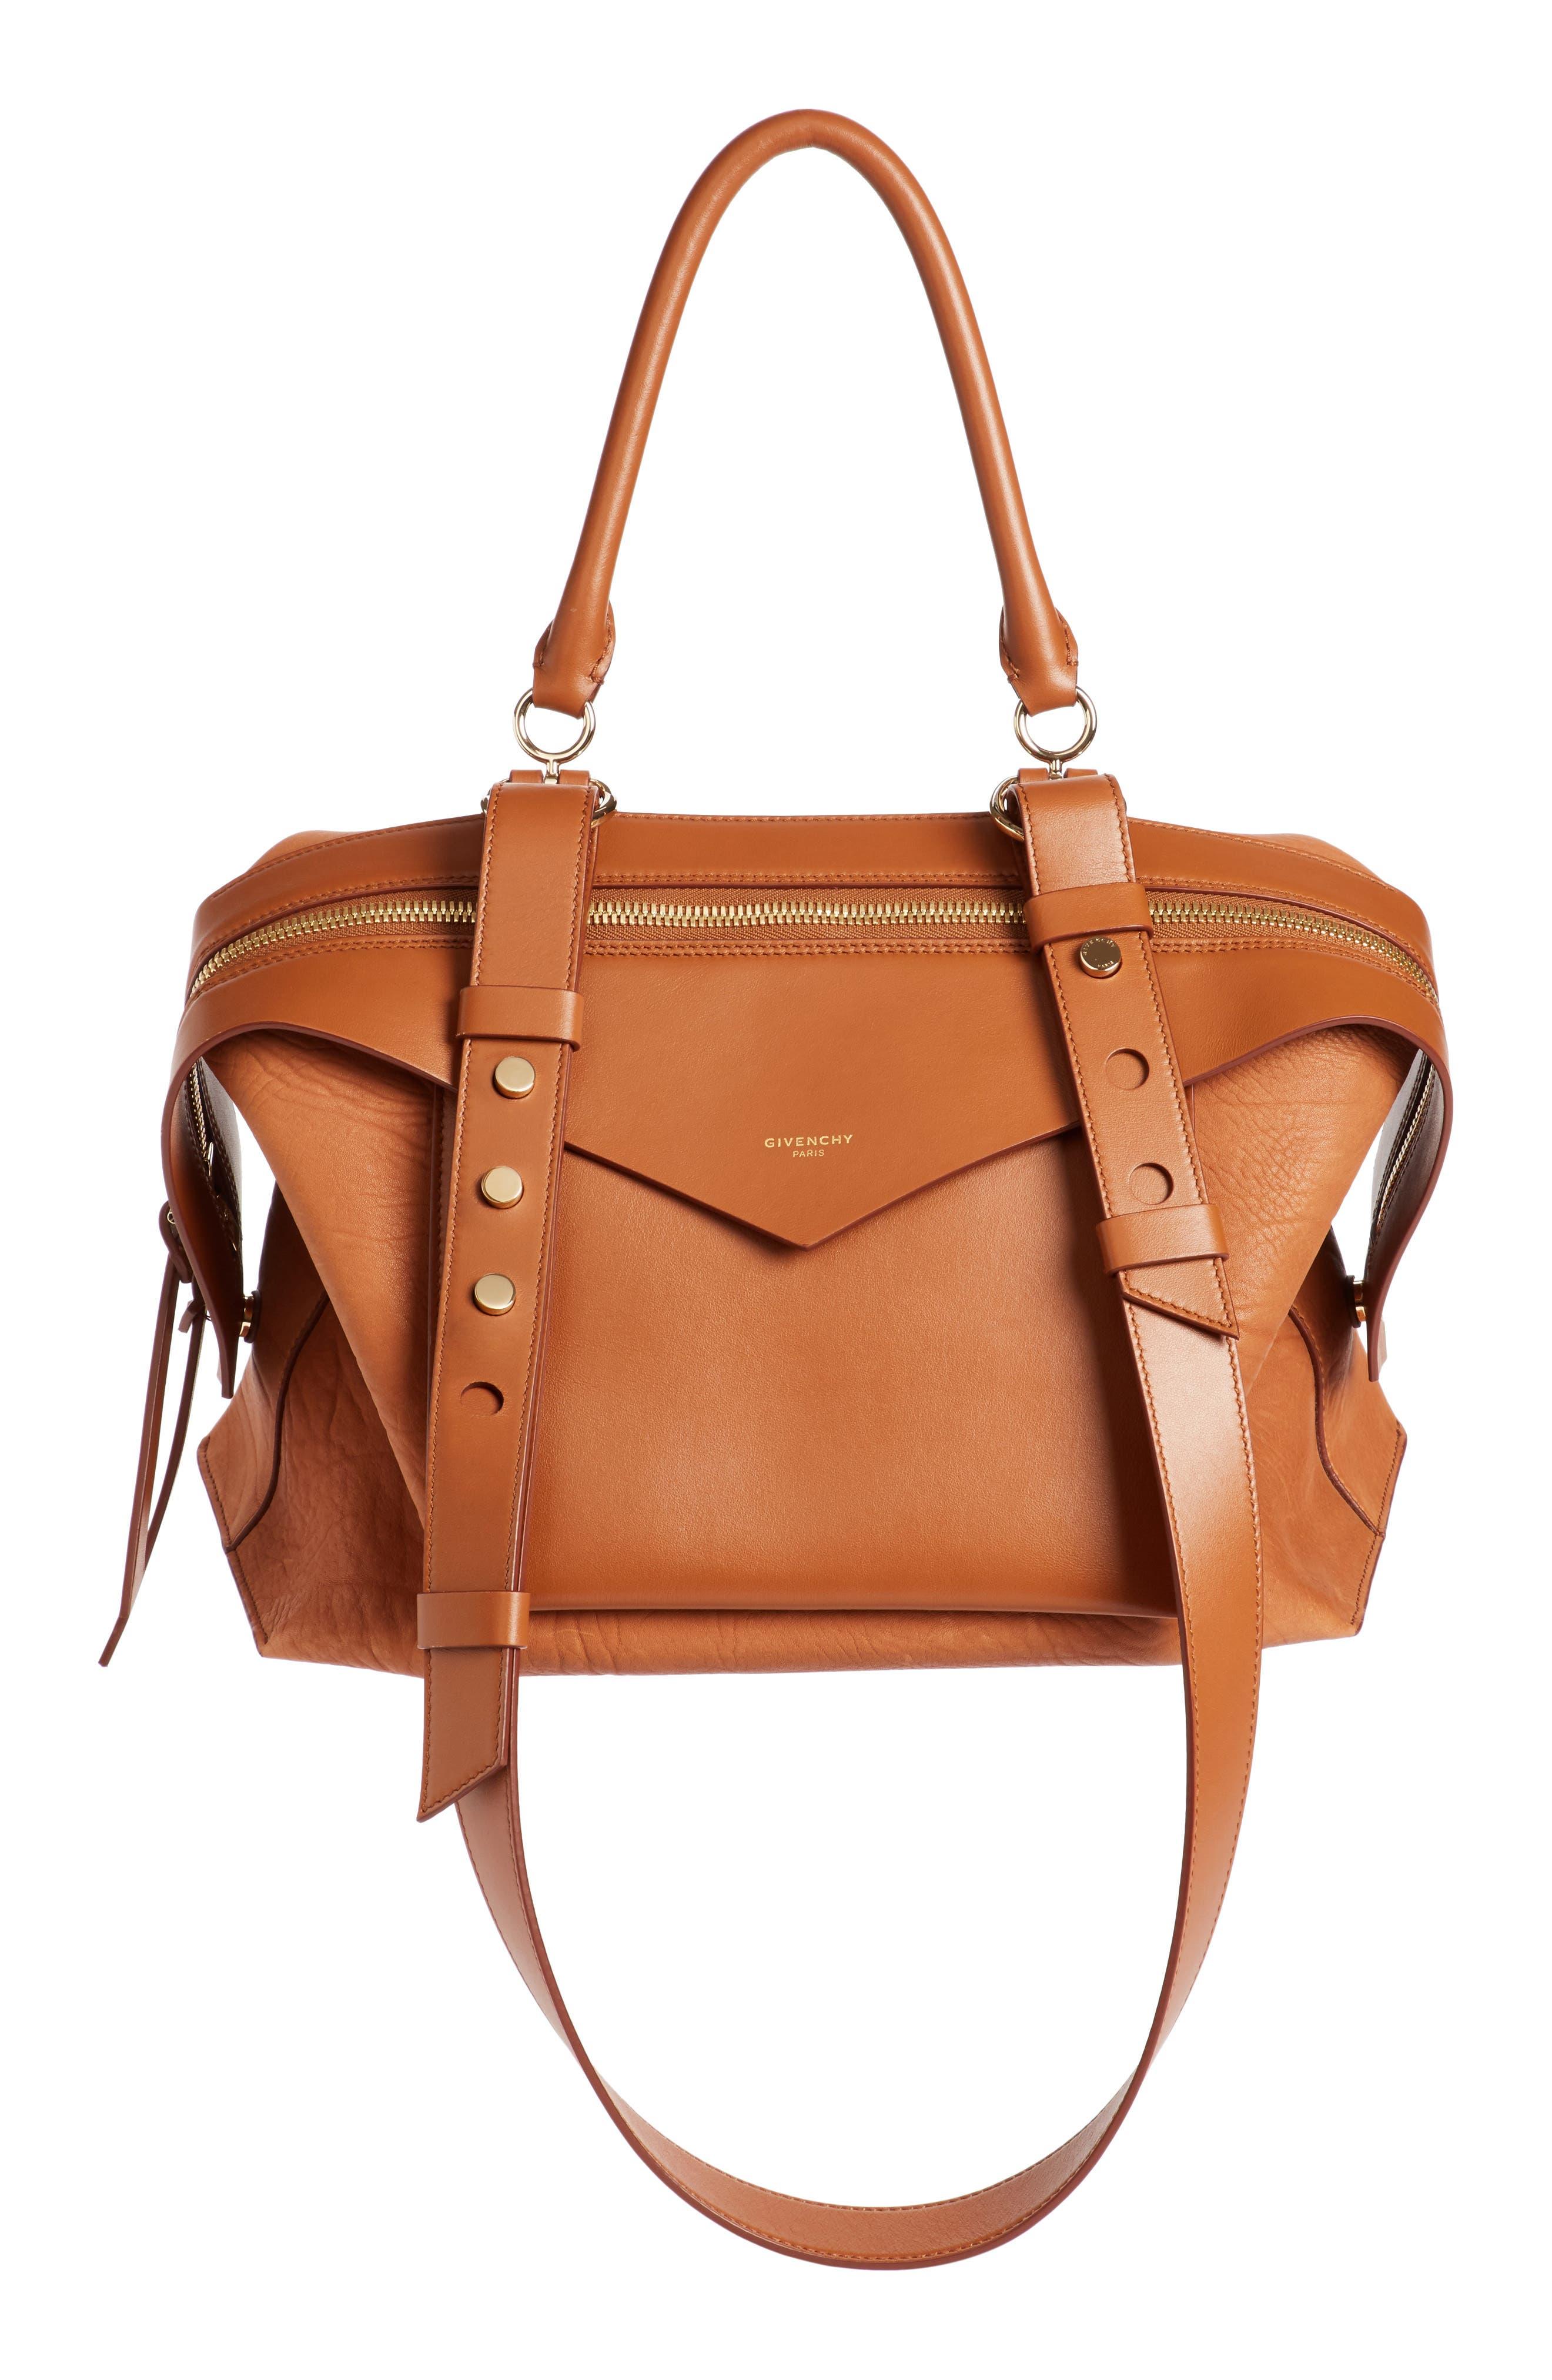 Main Image - Givenchy Medium Sway Leather Satchel